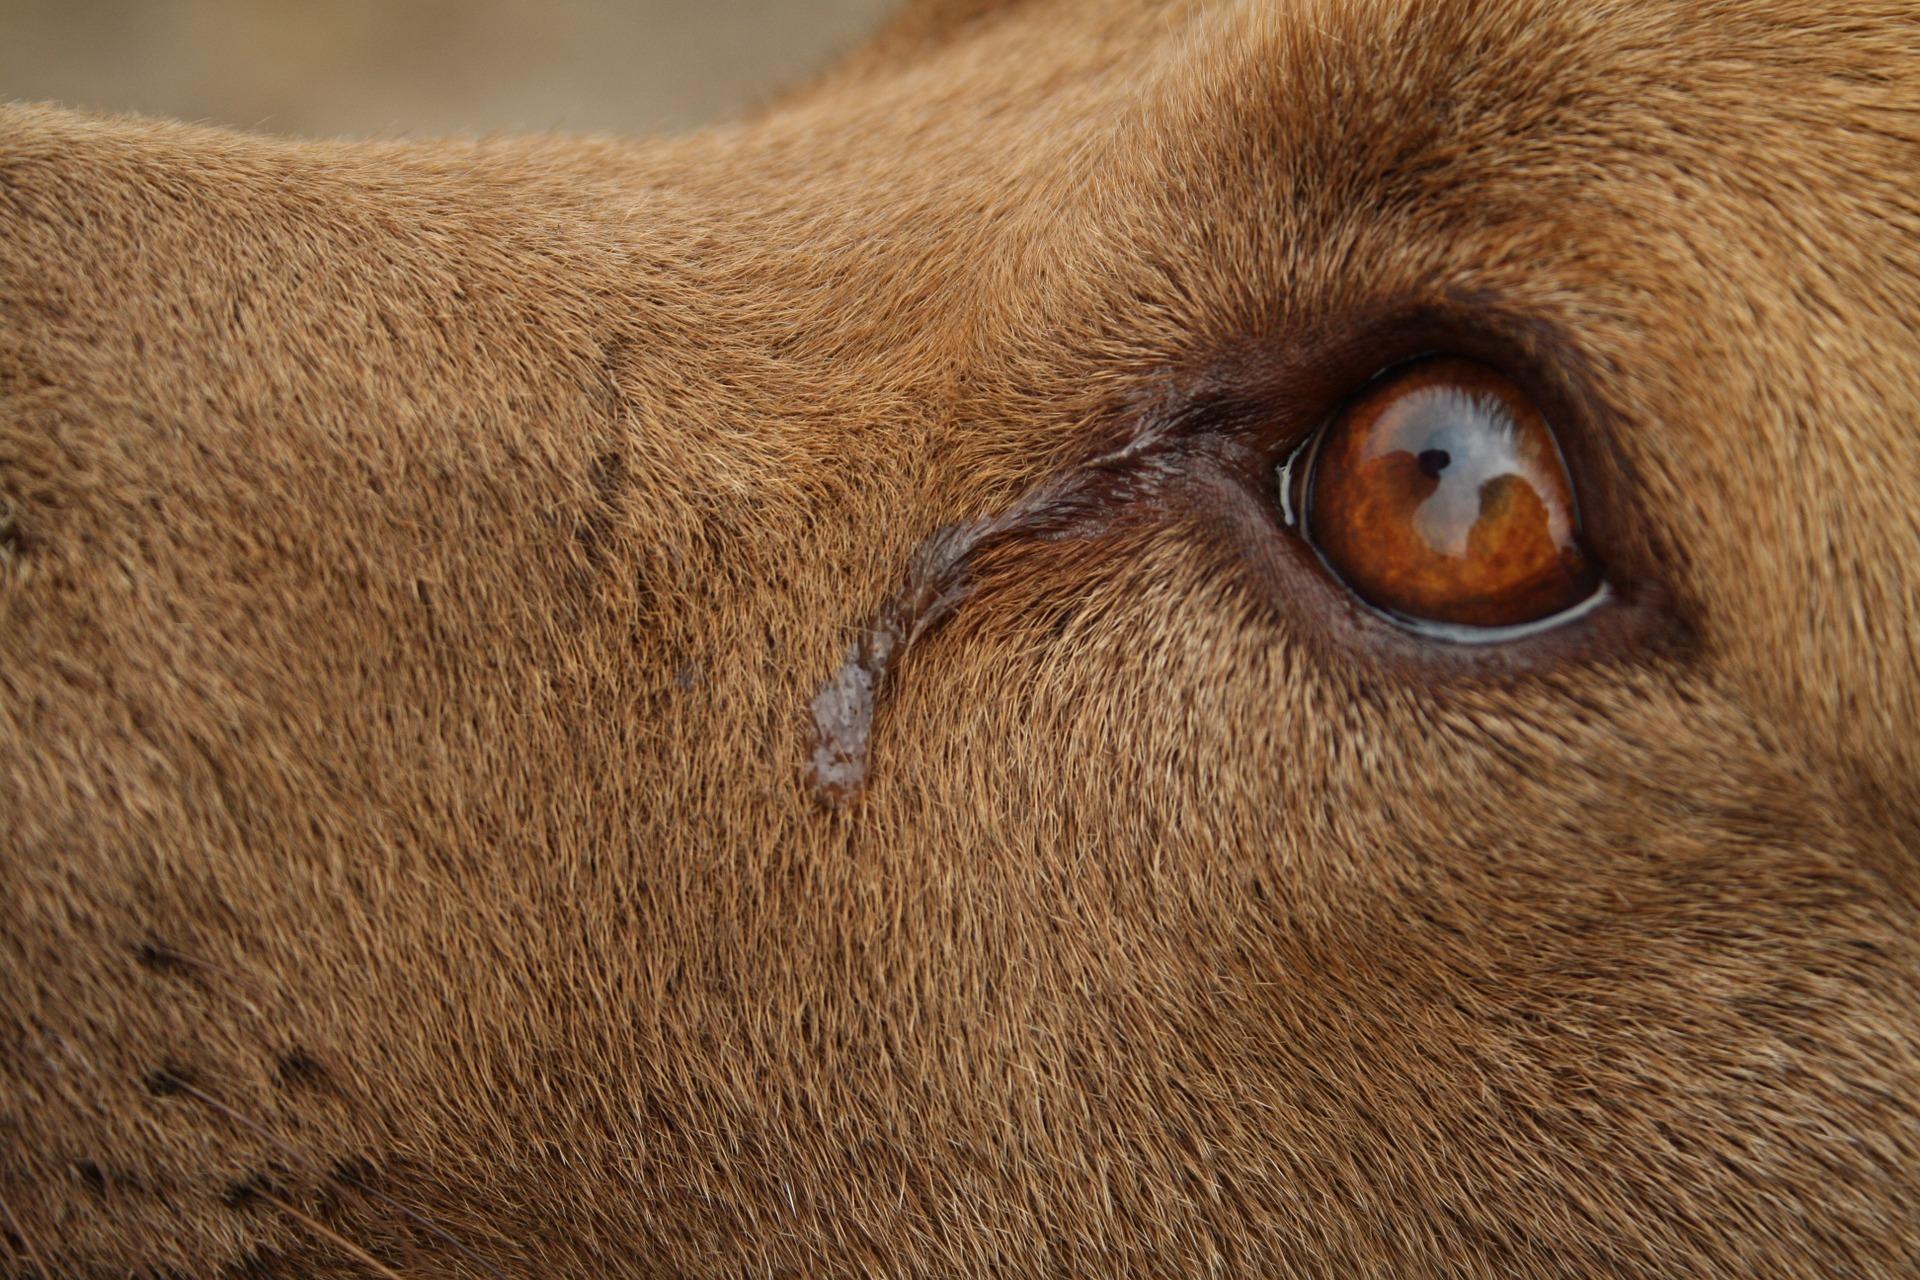 Zapalenie spojówek u psa objawia się nadmiernym łzawieniem. Do przemywania oczu psa można stosować sól fizjologiczną, nie można używać rumianku.